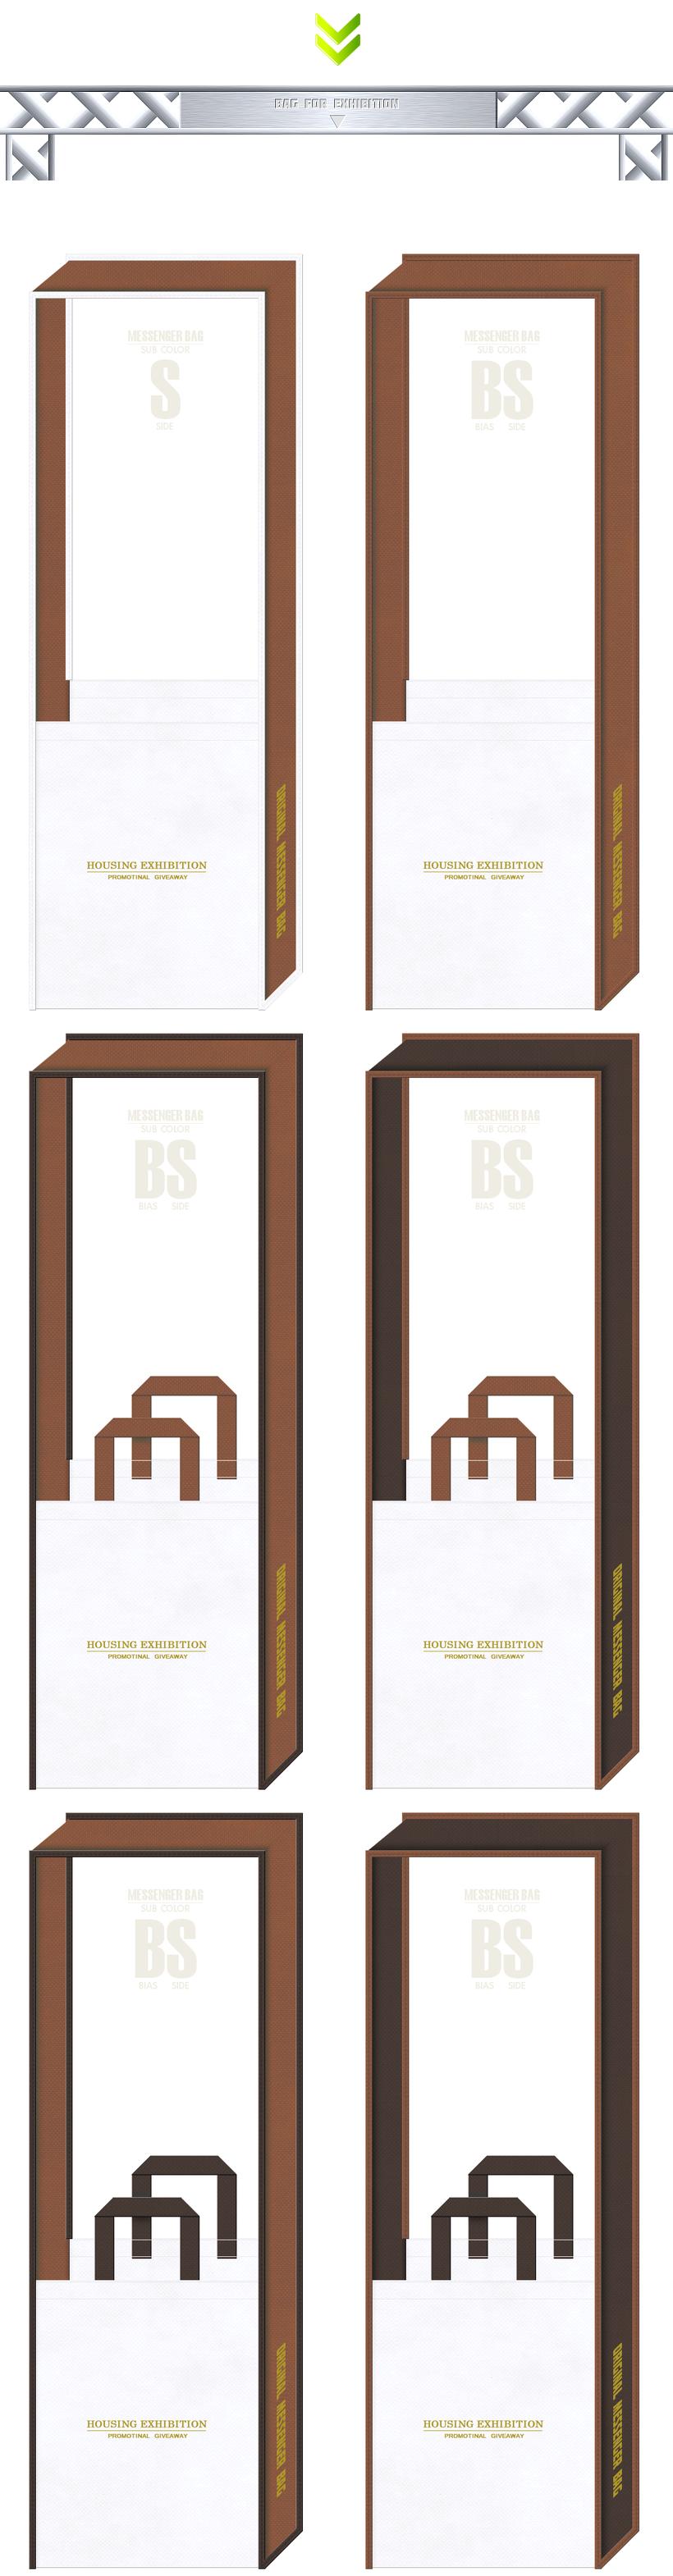 白色と茶色をメインに使用した、不織布メッセンジャーバッグのカラーシミュレーション(住宅):住宅展示場のノベルティ